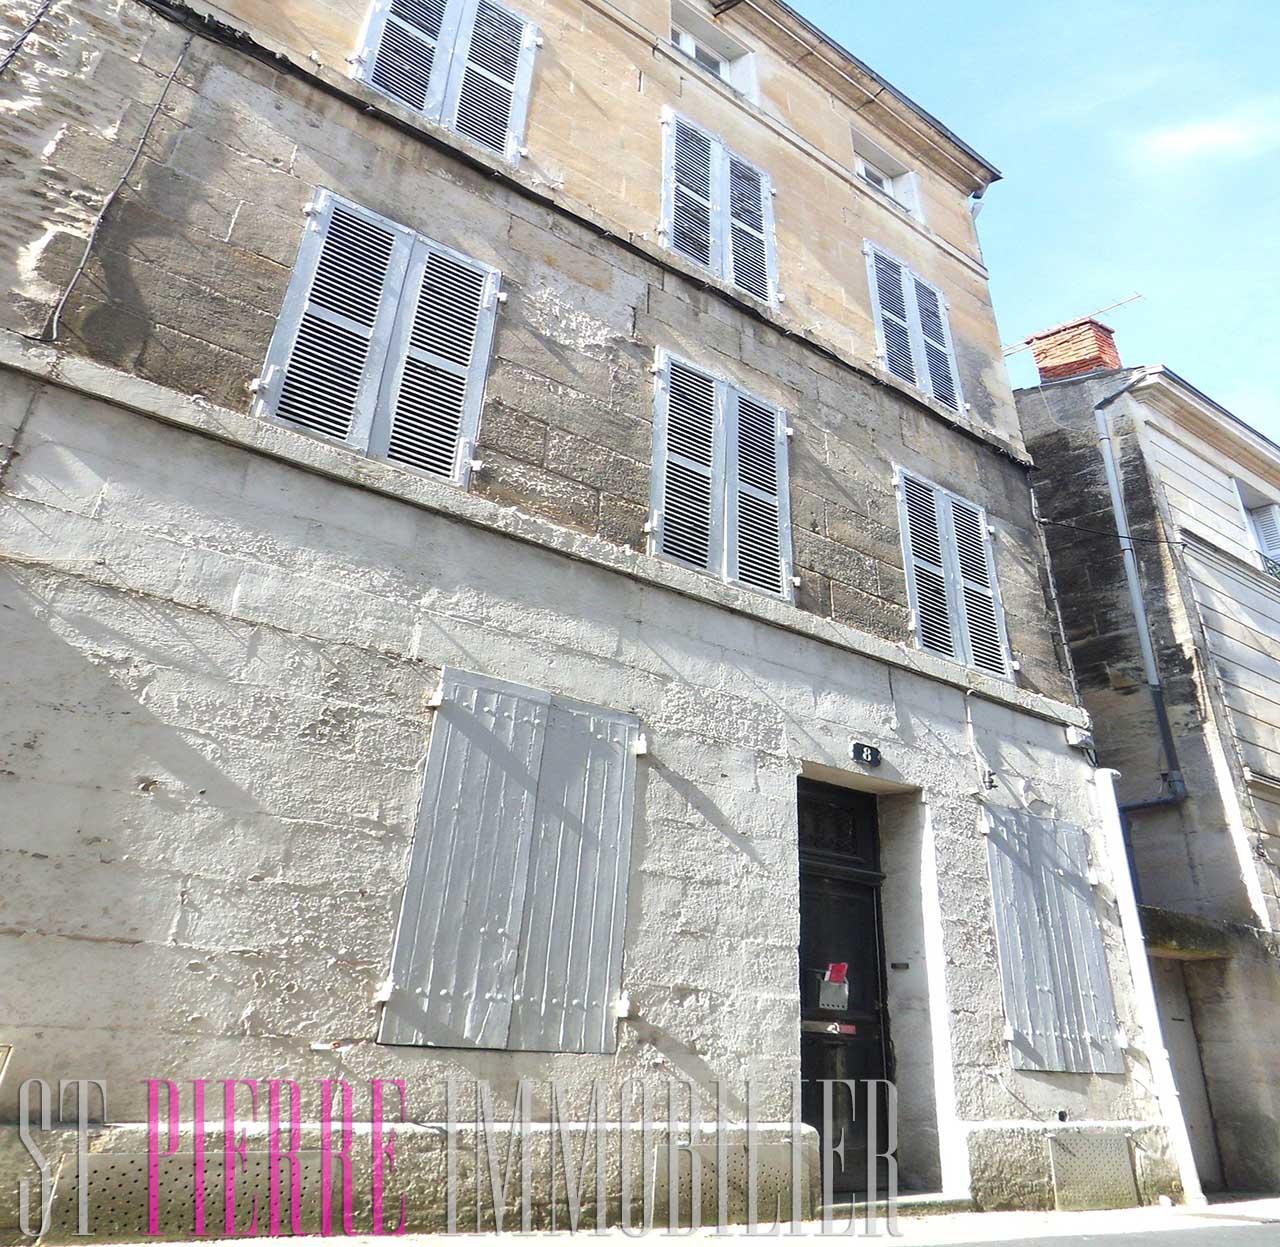 En vente petite maison de ville niort petit prix st for Renovation petite maison de ville